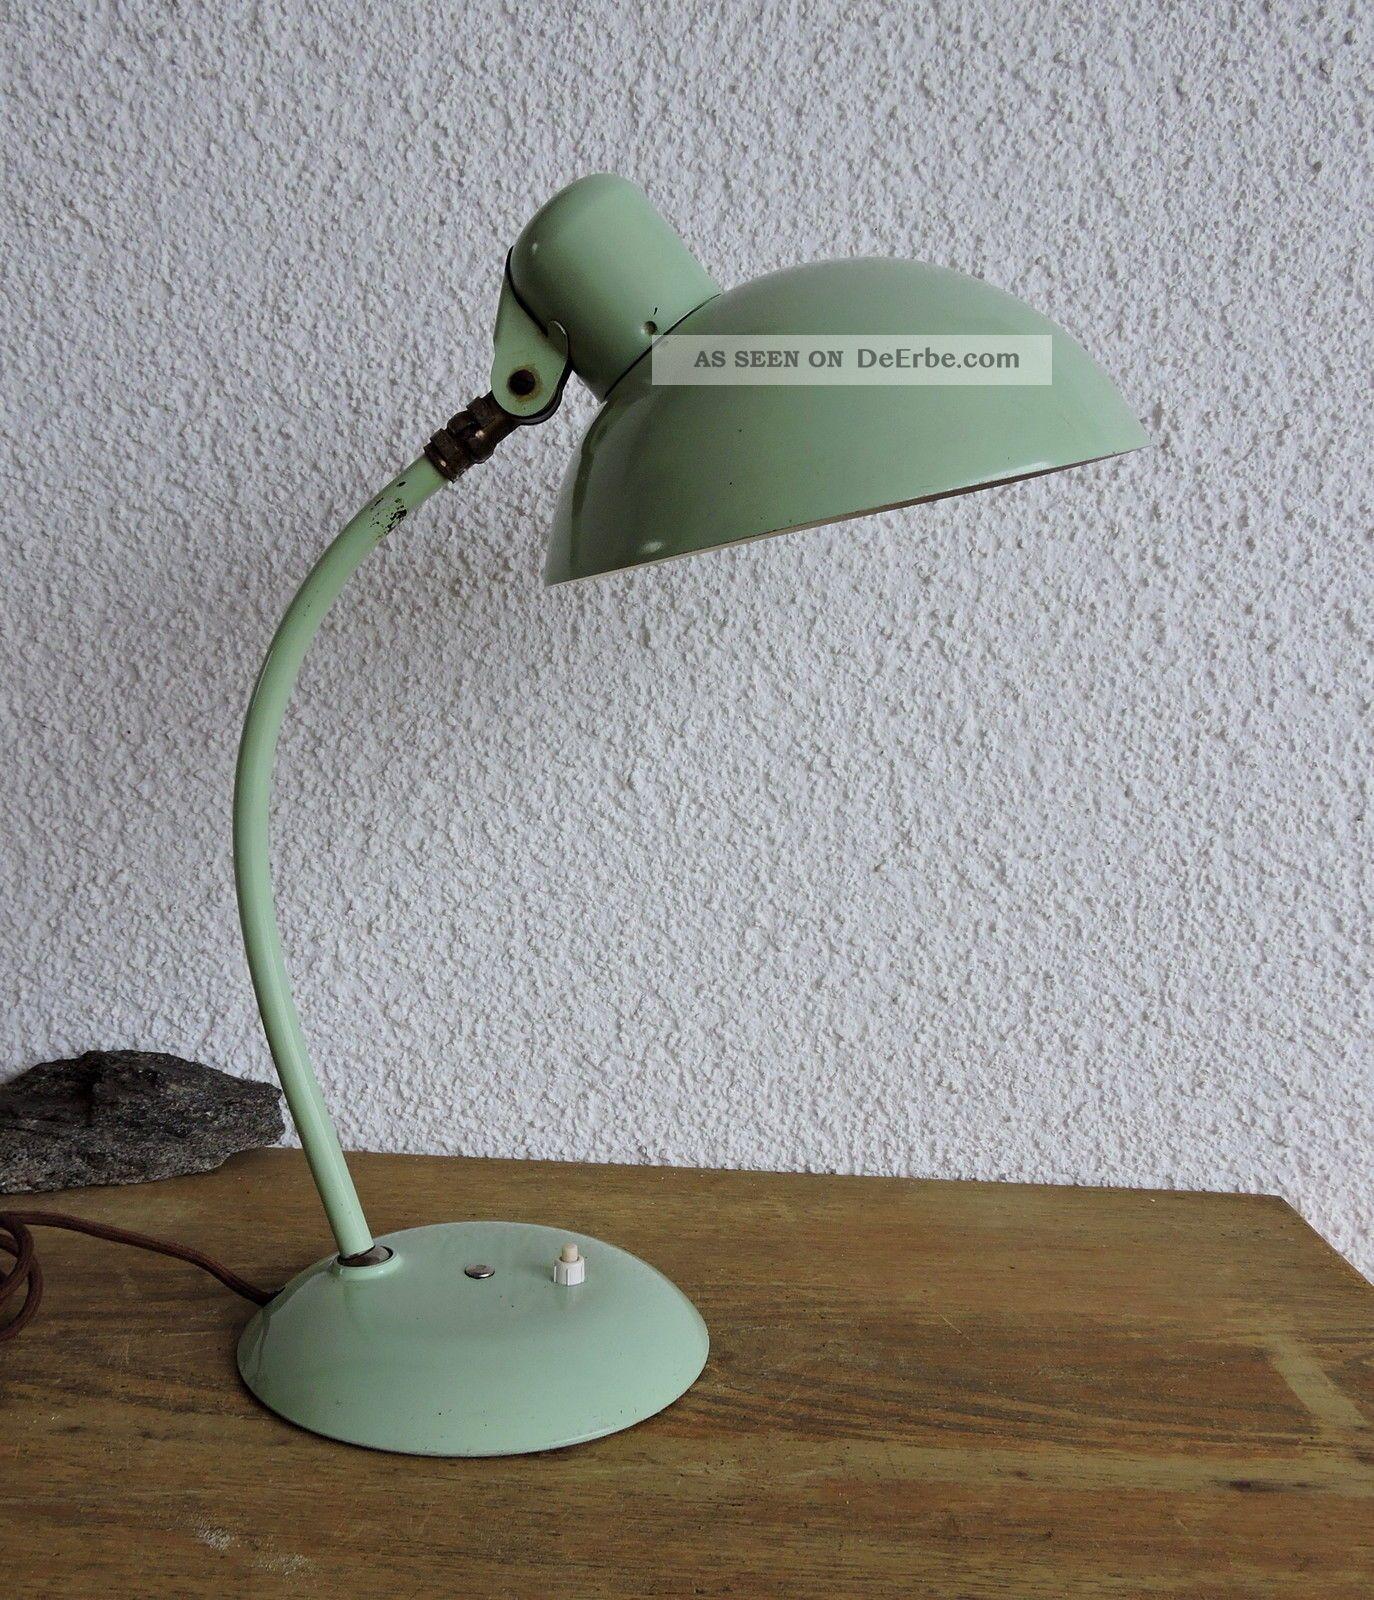 bauhaus lampe schreibtischlampe tischlampe marke sis leuchten 50iger. Black Bedroom Furniture Sets. Home Design Ideas